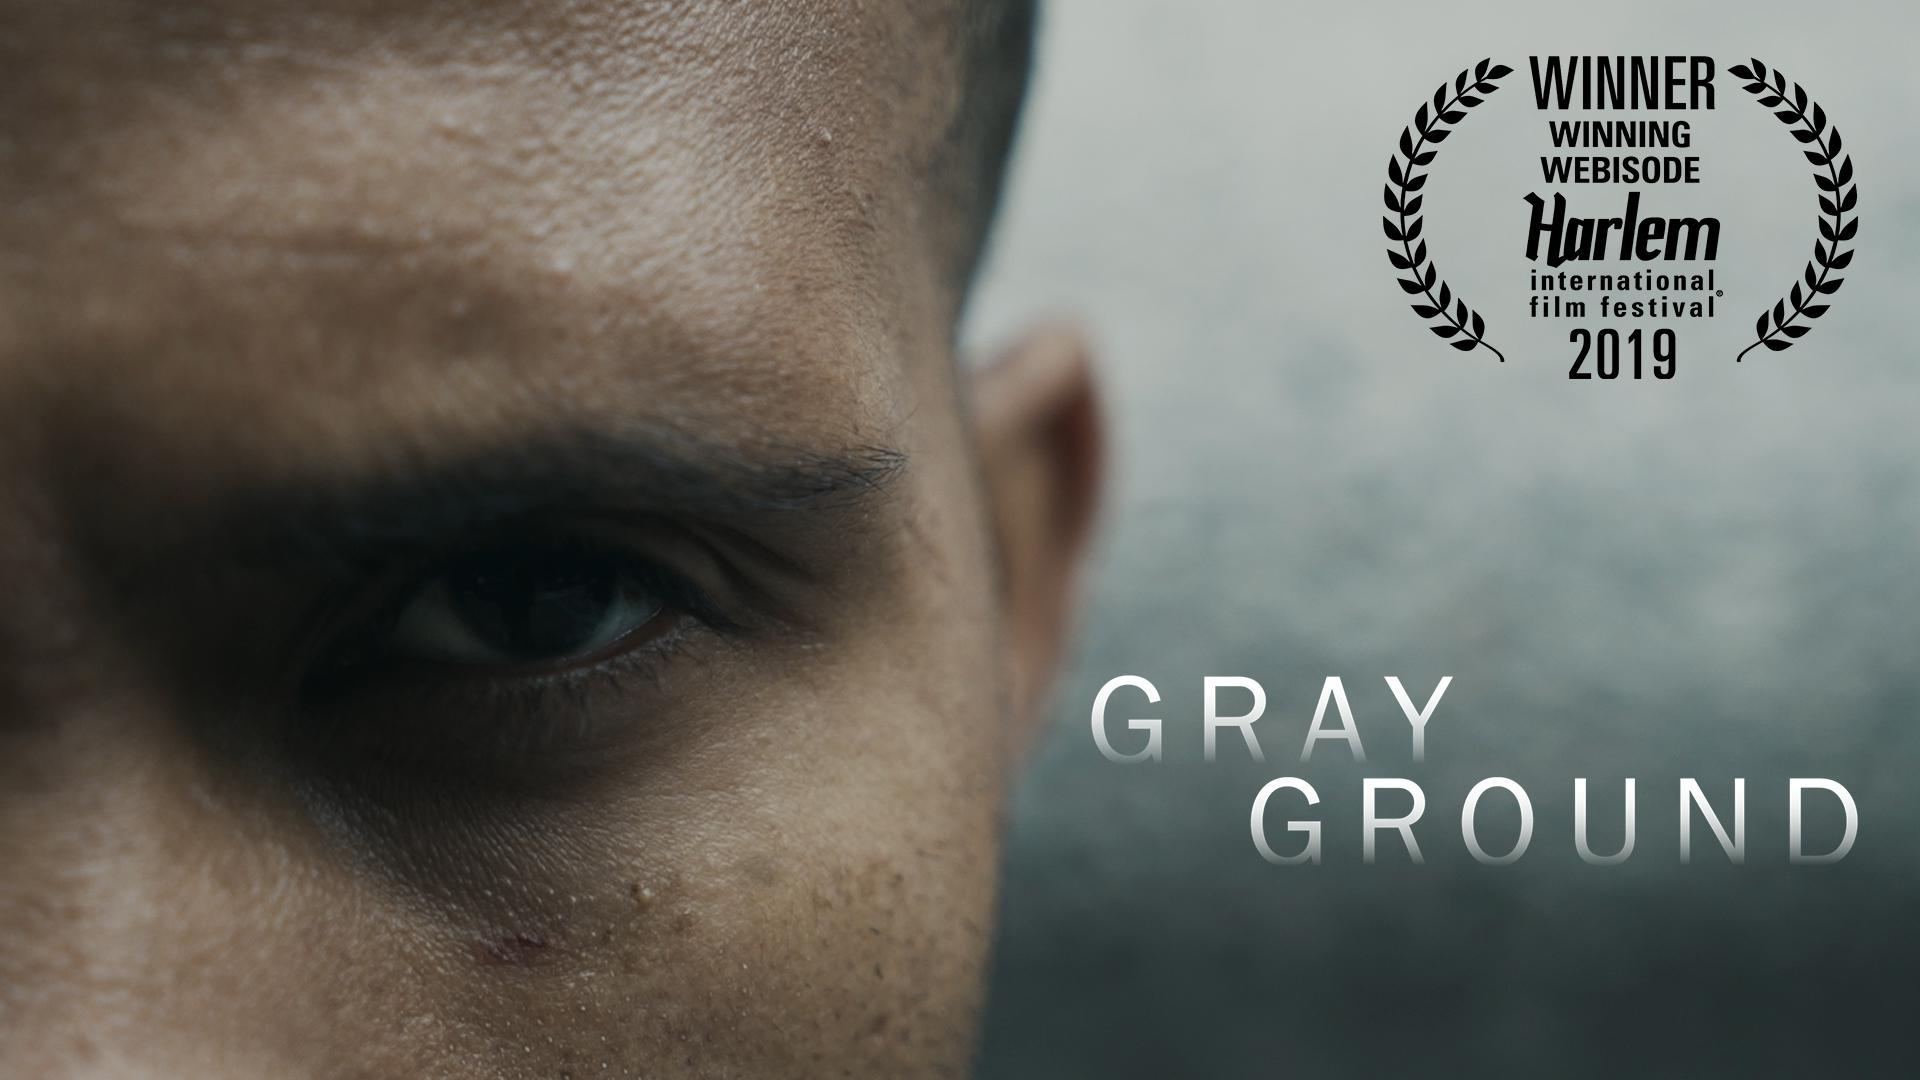 Gray Ground